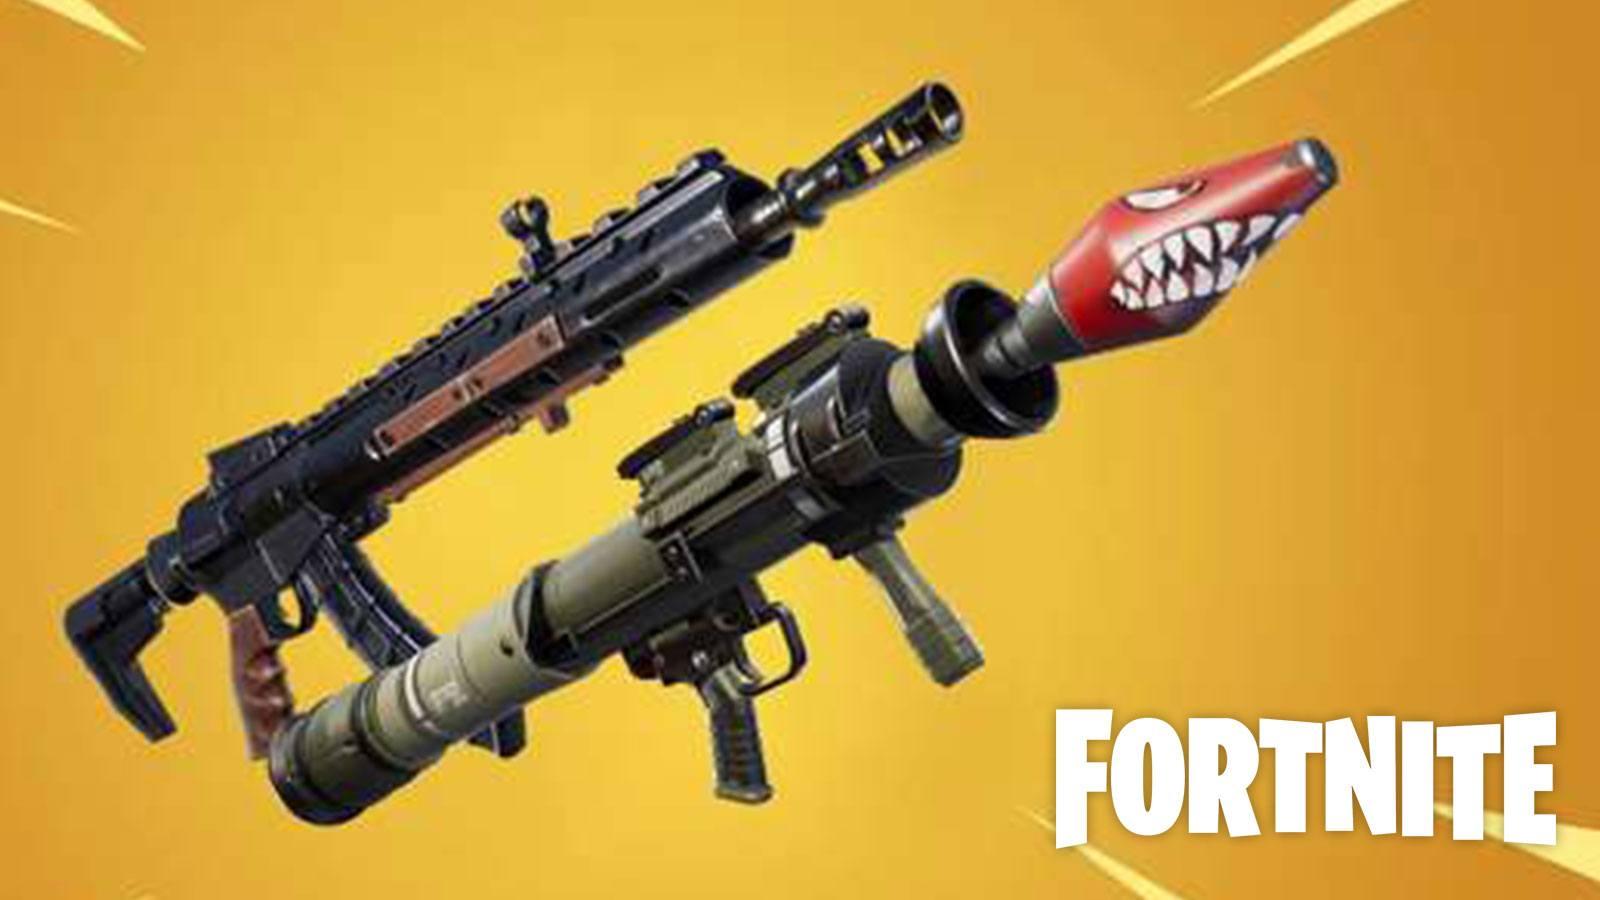 Fortnite lance-roquettes fusil d'assaut mythique Epic Games